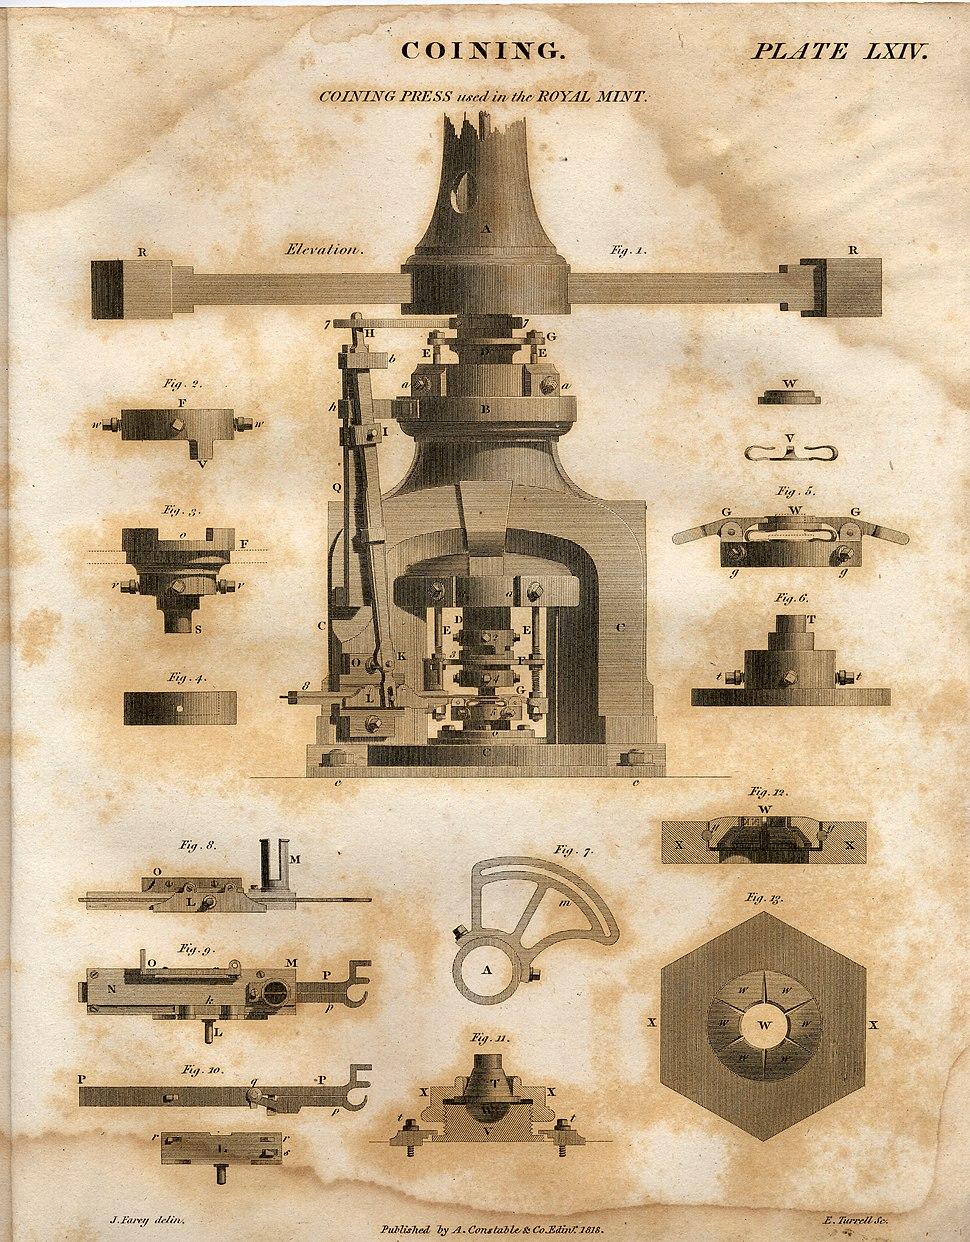 Coining press(Royal Mint)